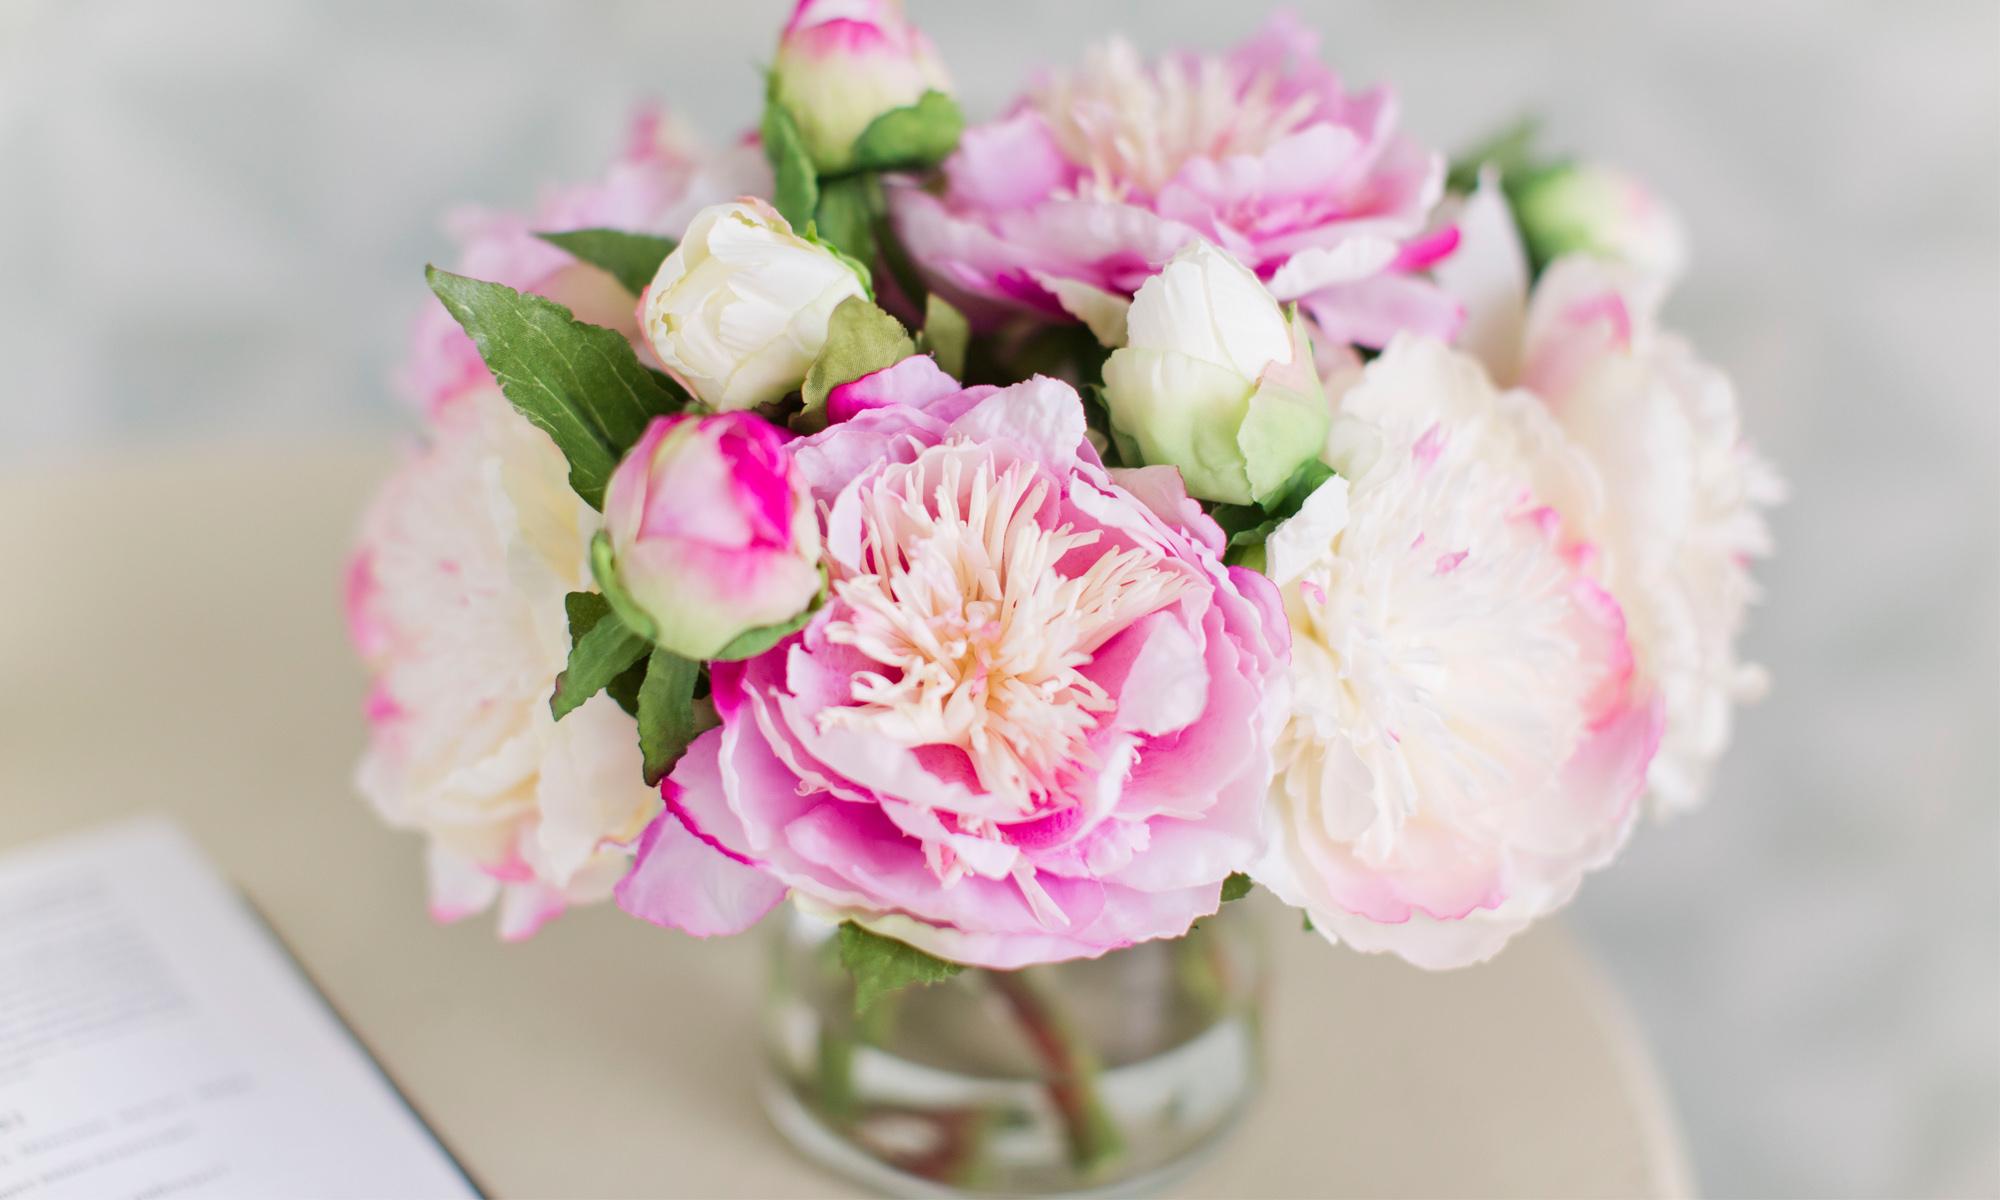 Купить Композиция из искусственных цветов - садовые пионы, inmyroom, Россия